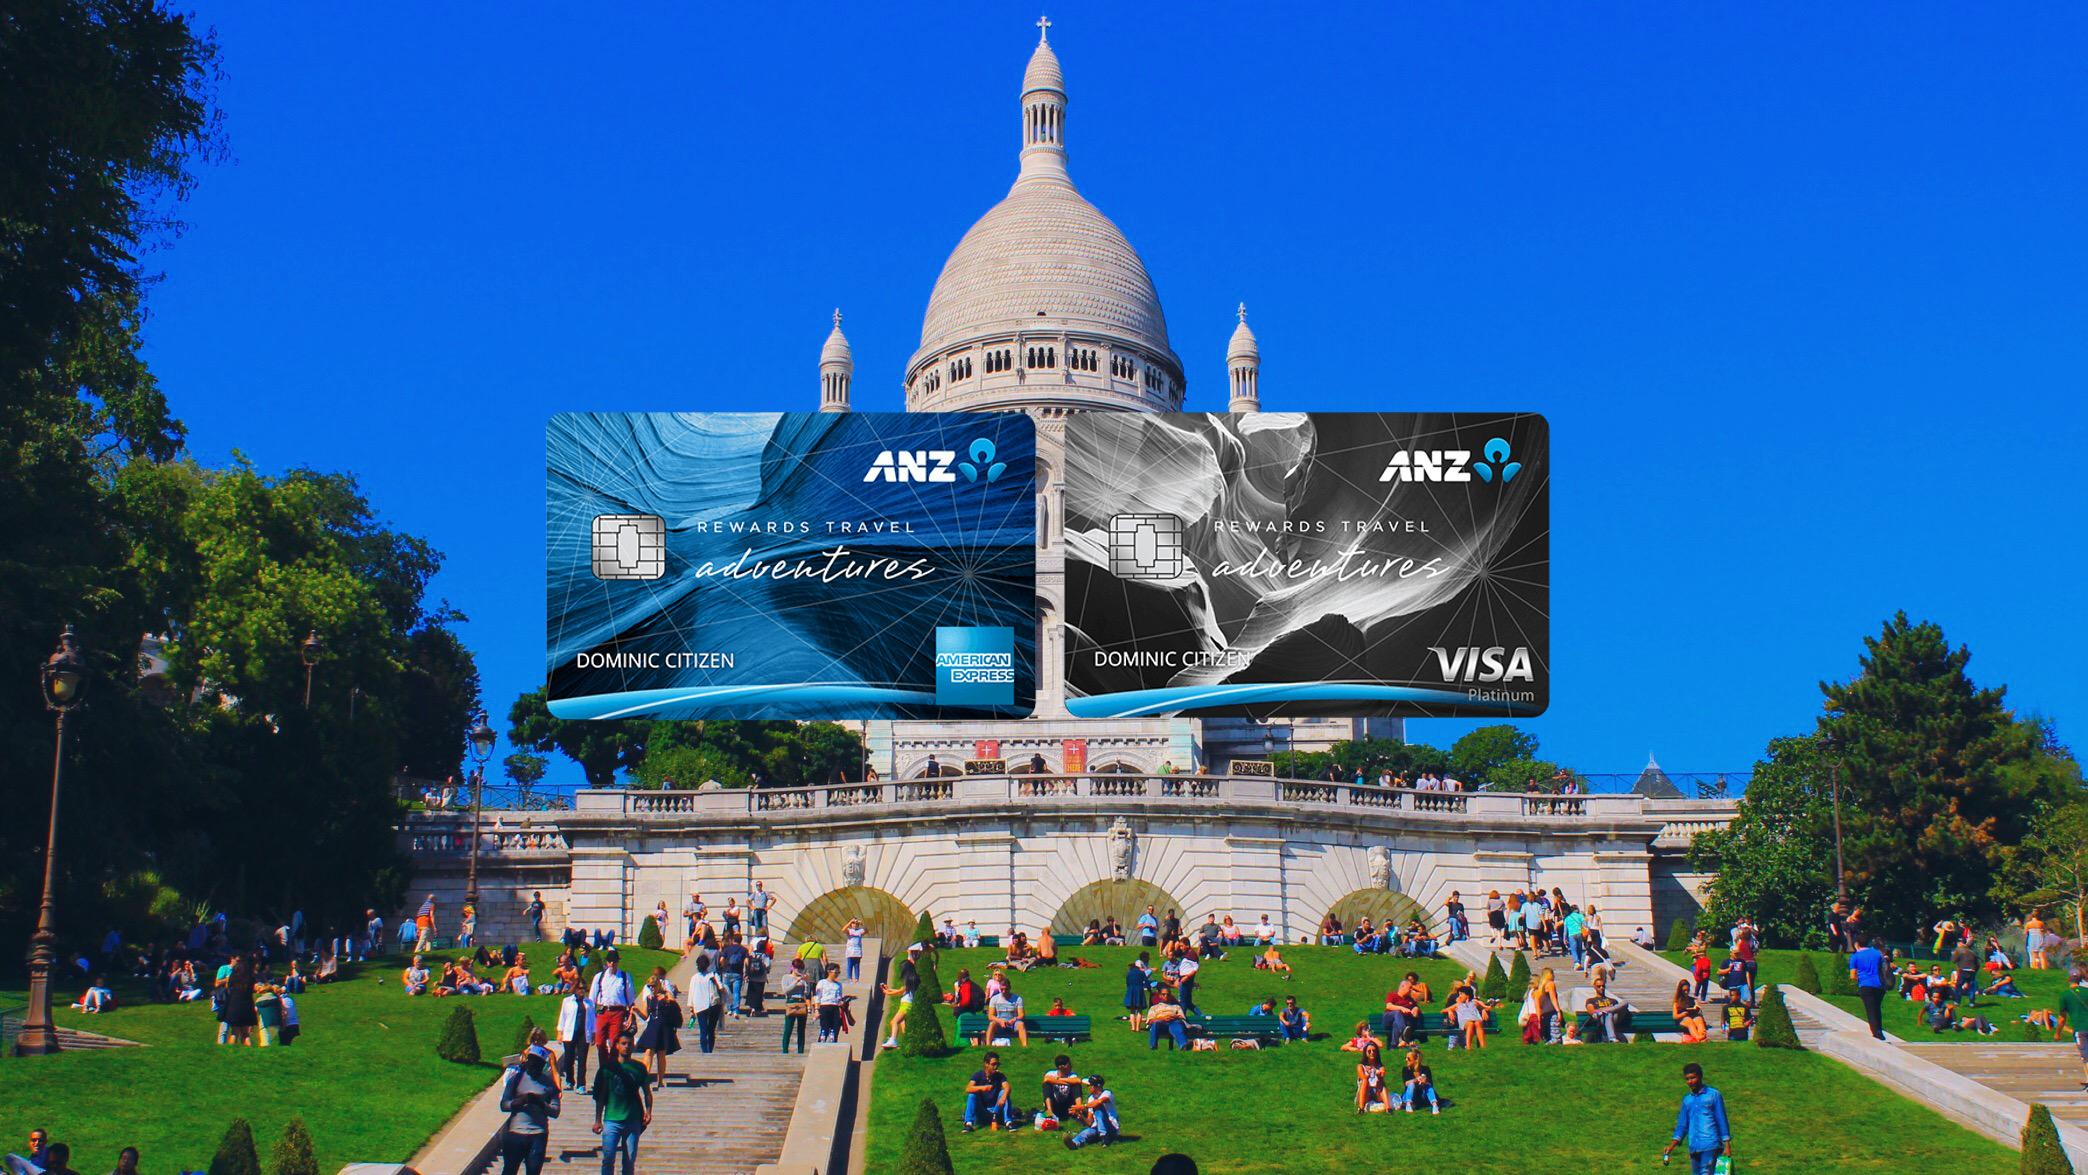 ANZ Rewards Travel Adventures